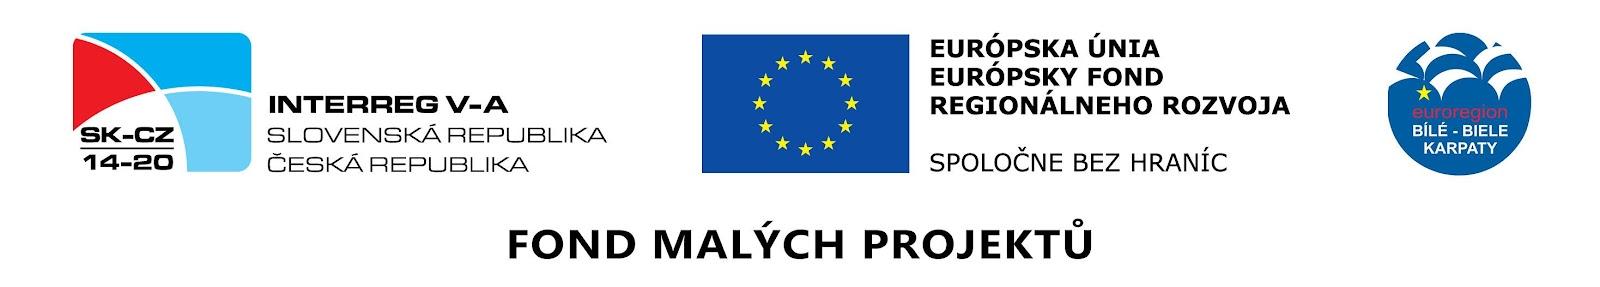 D:\9 Hvězdárna VM 2019\Projekty 2019\FMP Kysuce\SPOLEČNÉ NEBE - FMP Kysuce\Publicita\logo-banner-fmp-2018.jpg